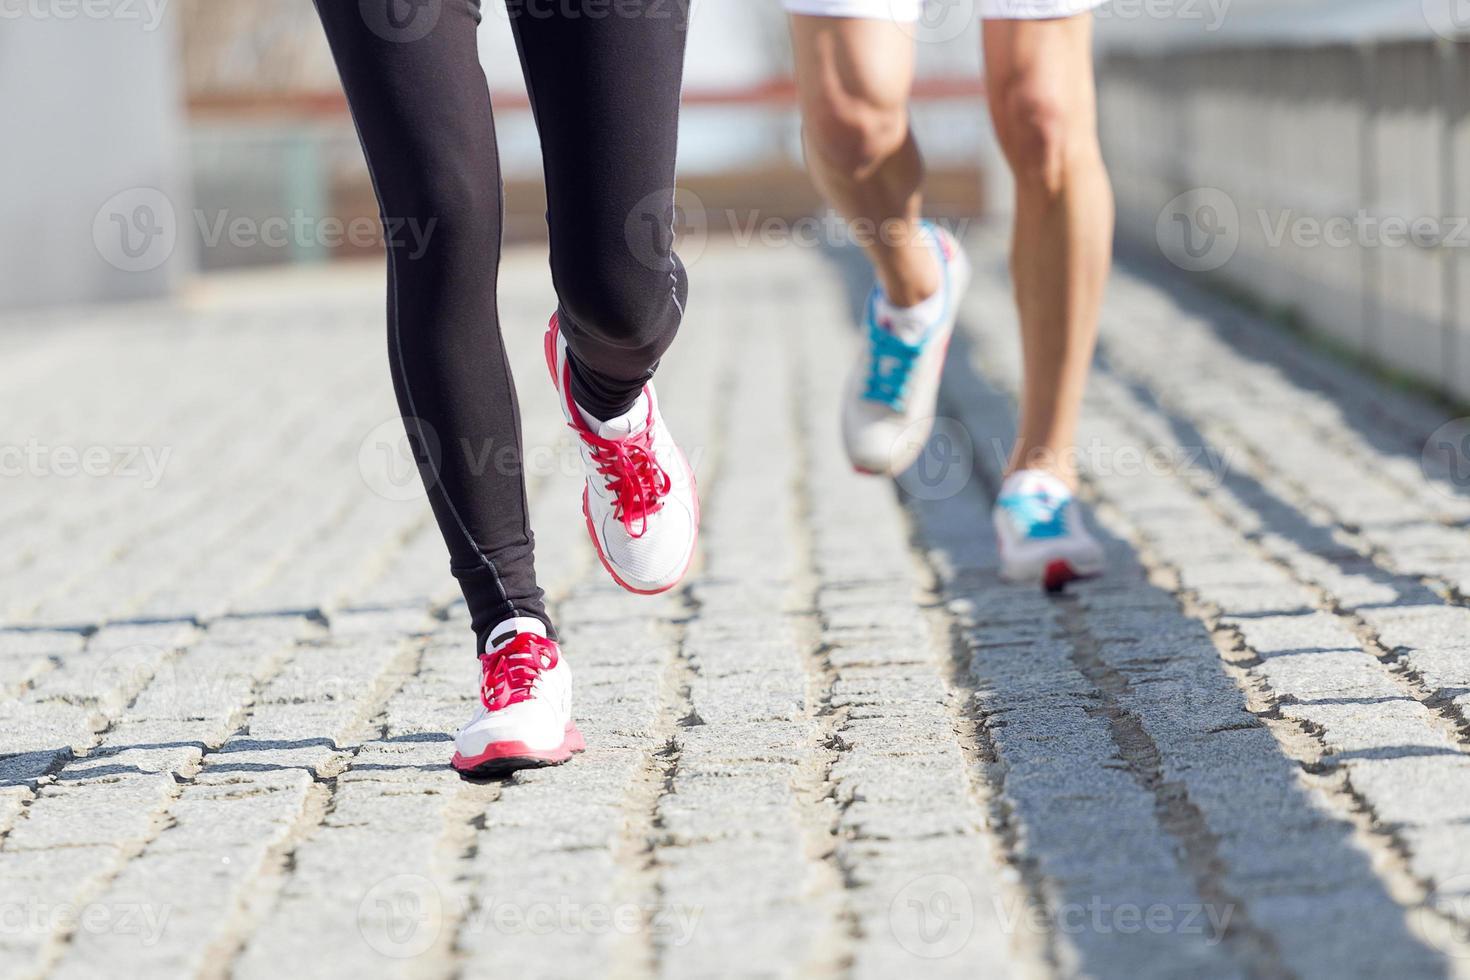 Urban running photo